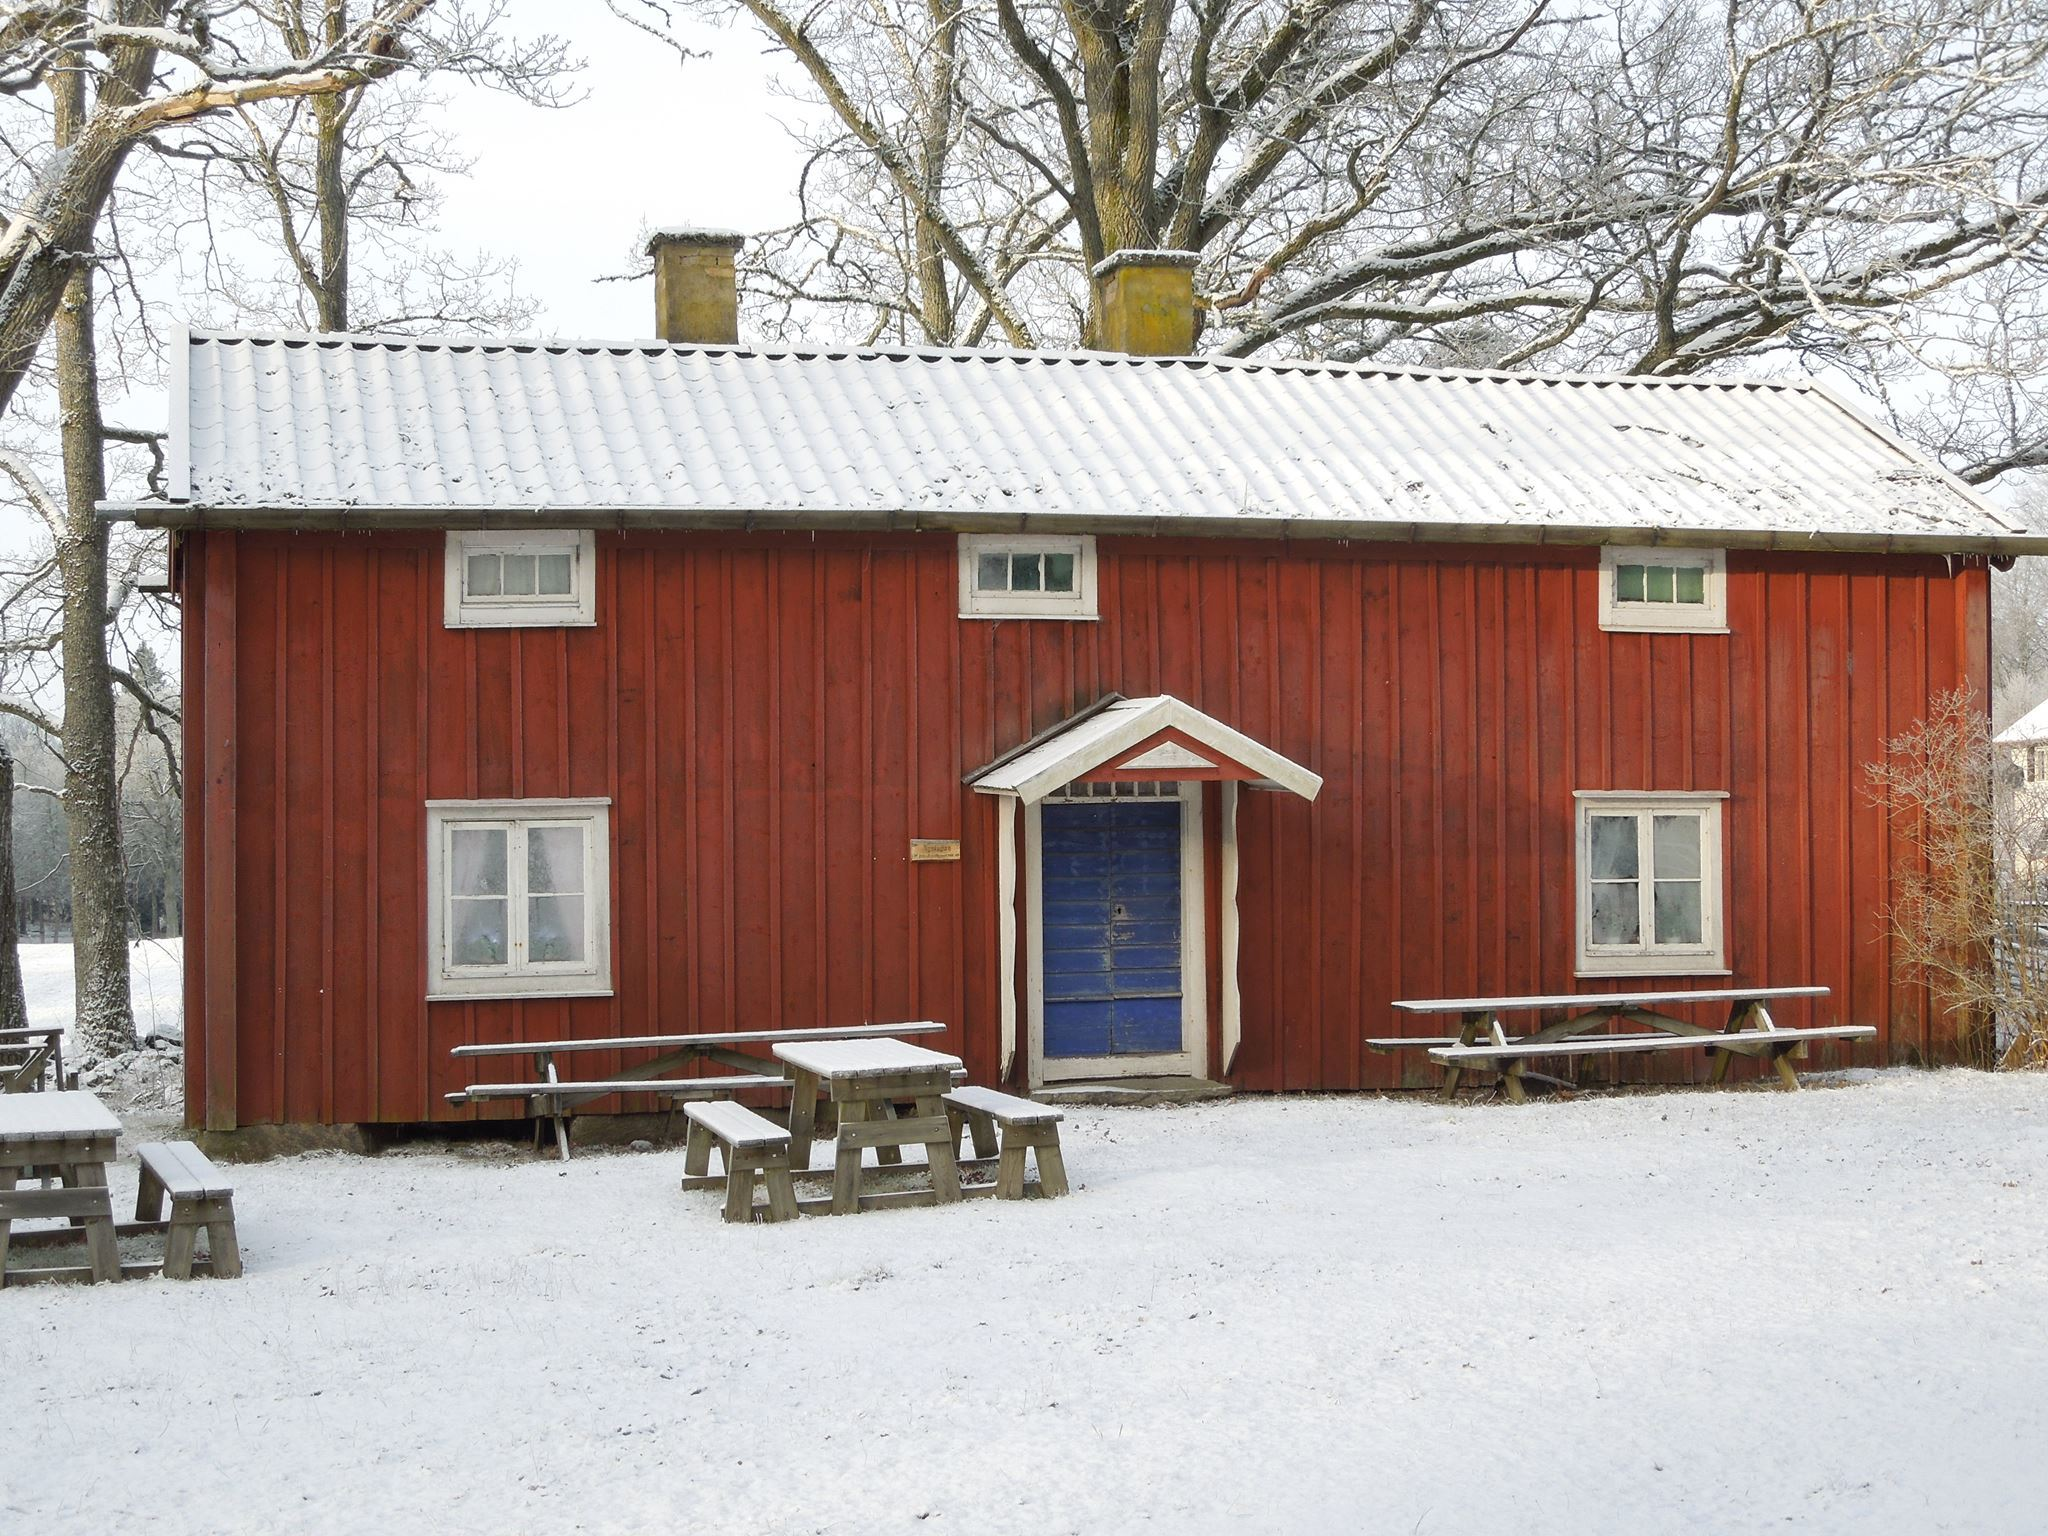 Julmarknad Voxtorp - Slöjdarna i Värnamo